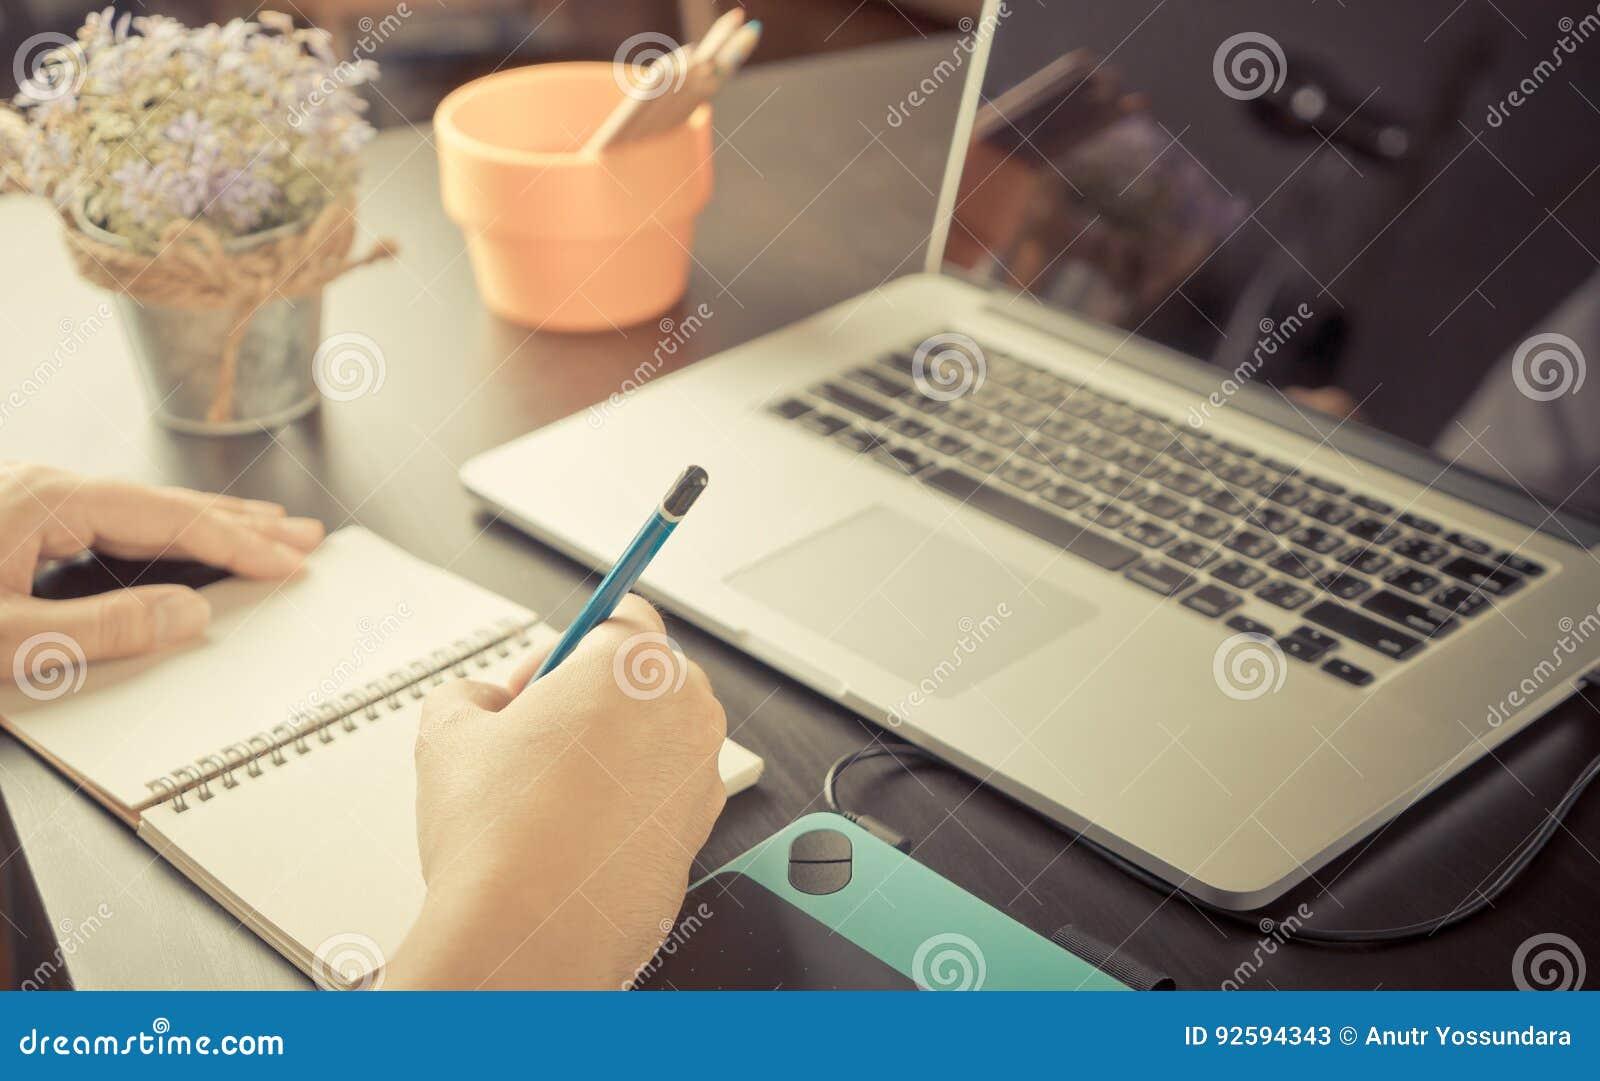 Art Student werkt aan schets